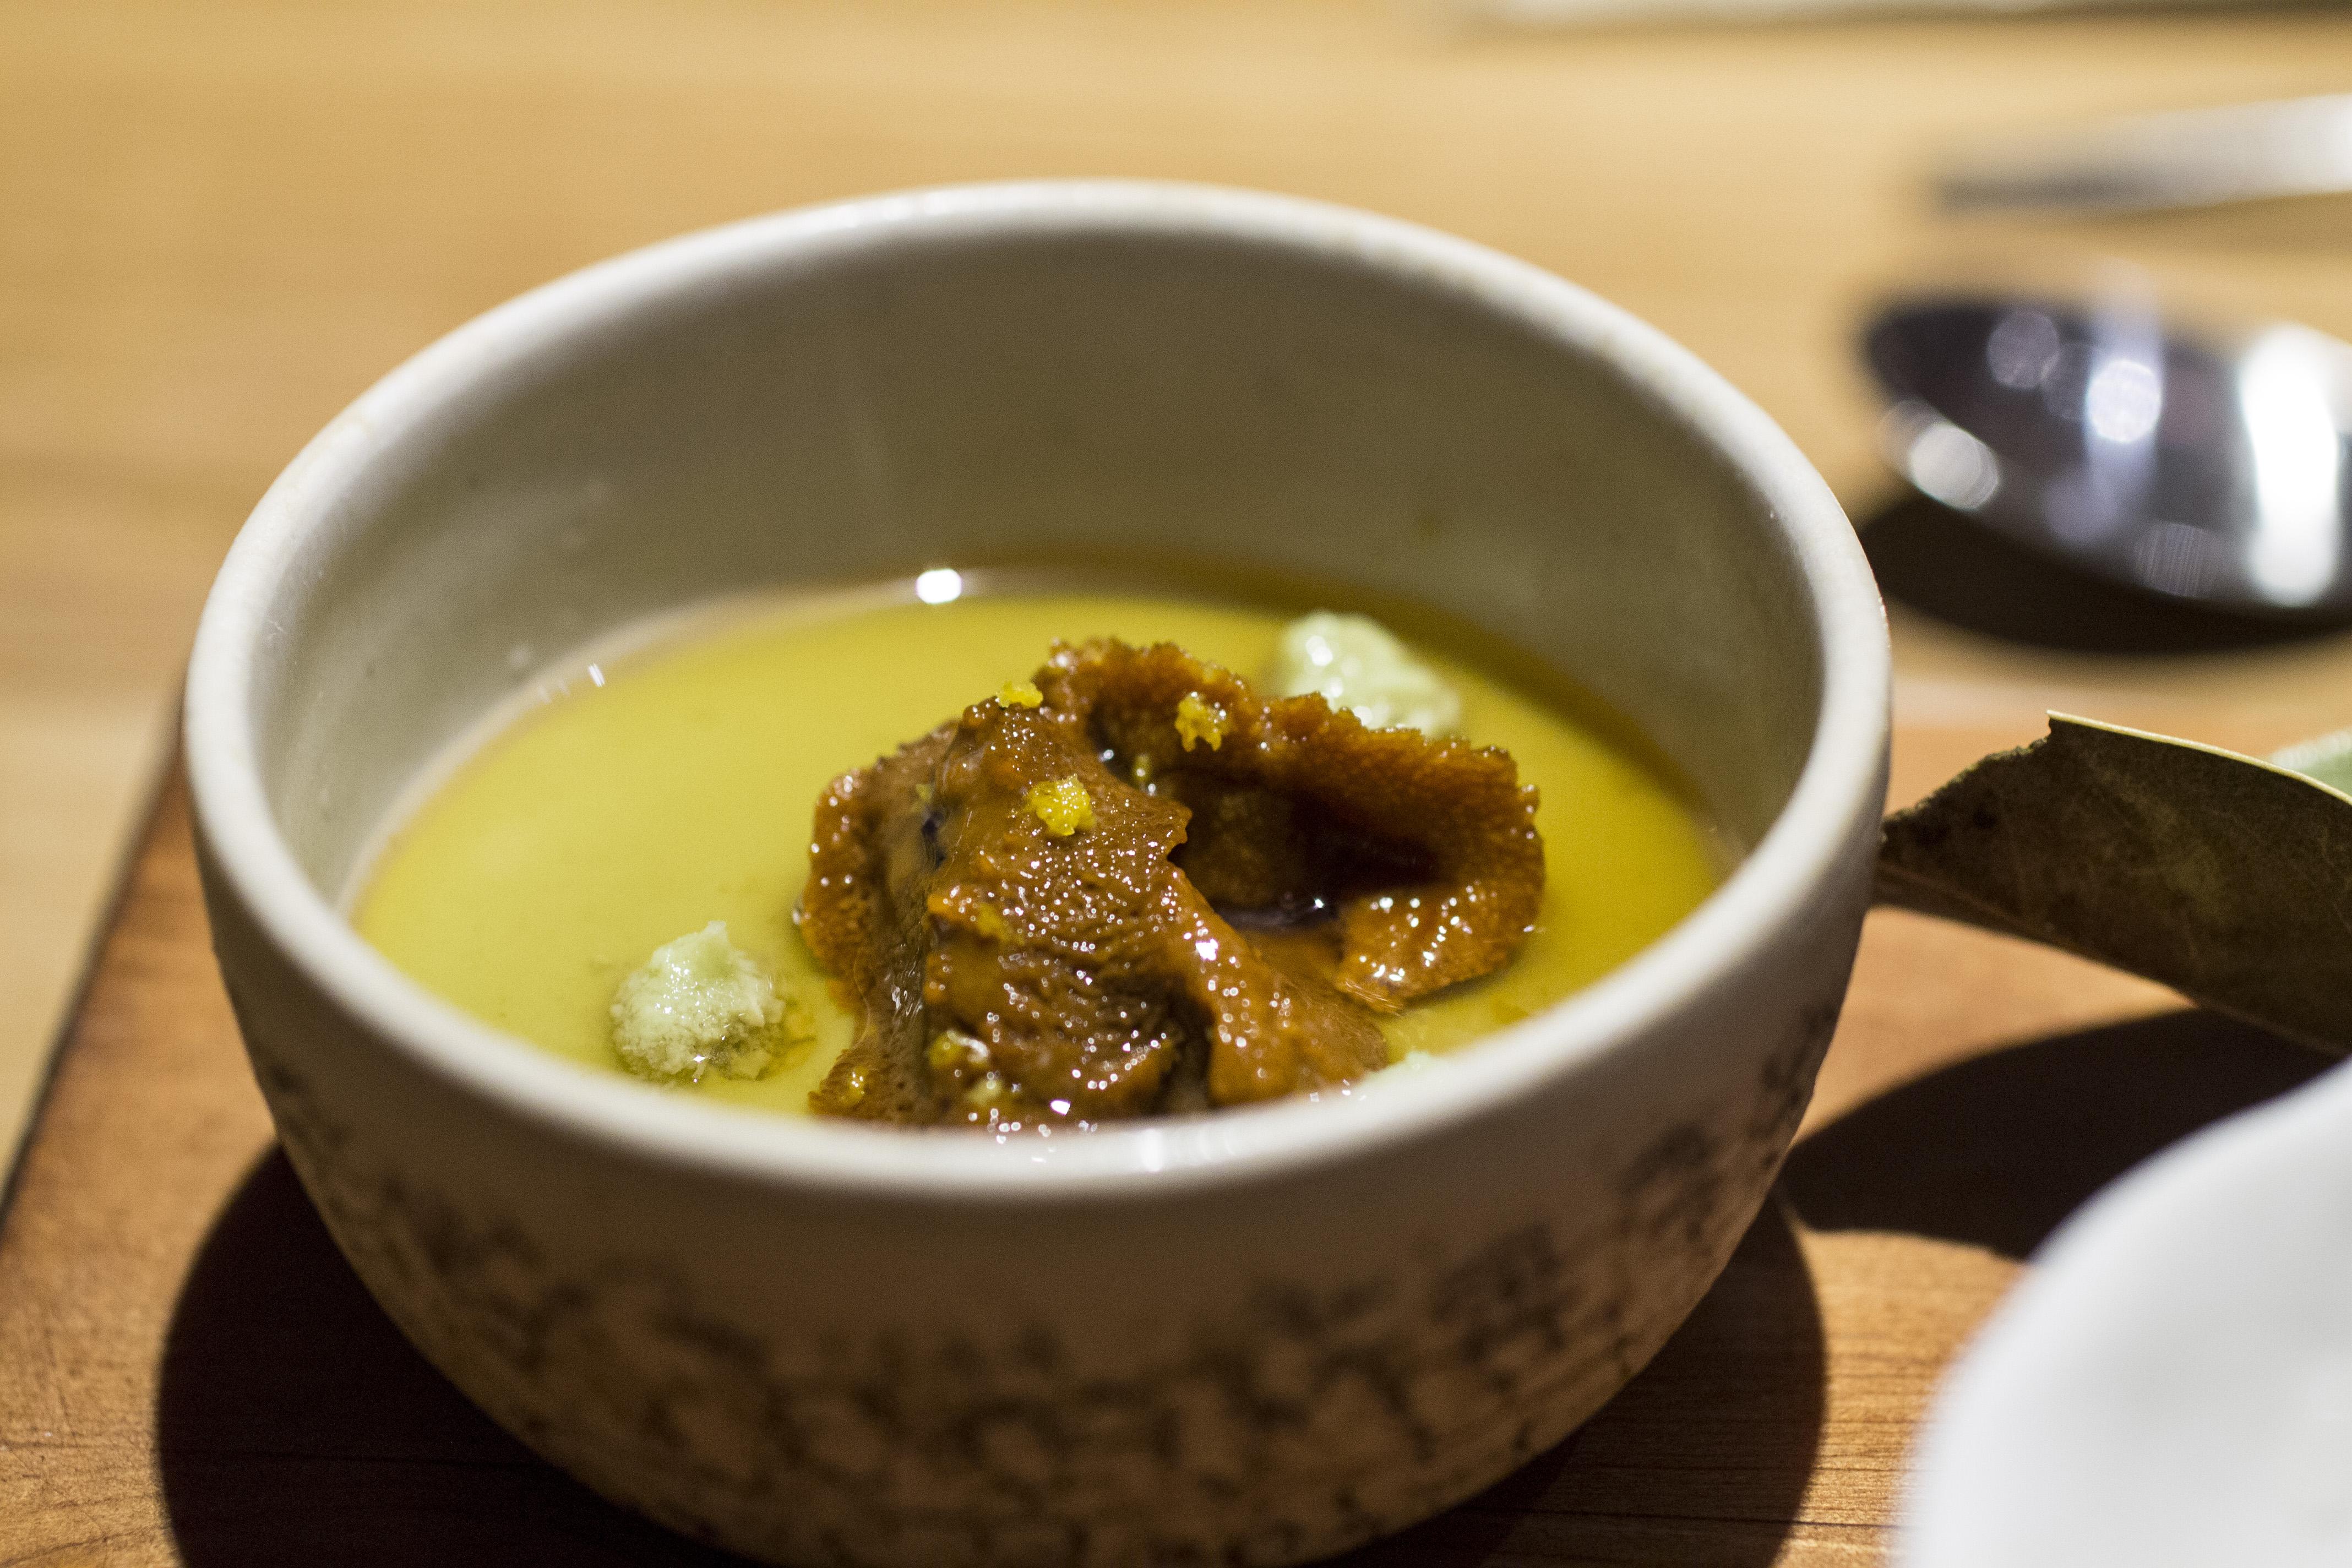 Tofu di avocado con ricci di mare, Pakta, Chef Albert Adrià, Kyoko li, Barcelona